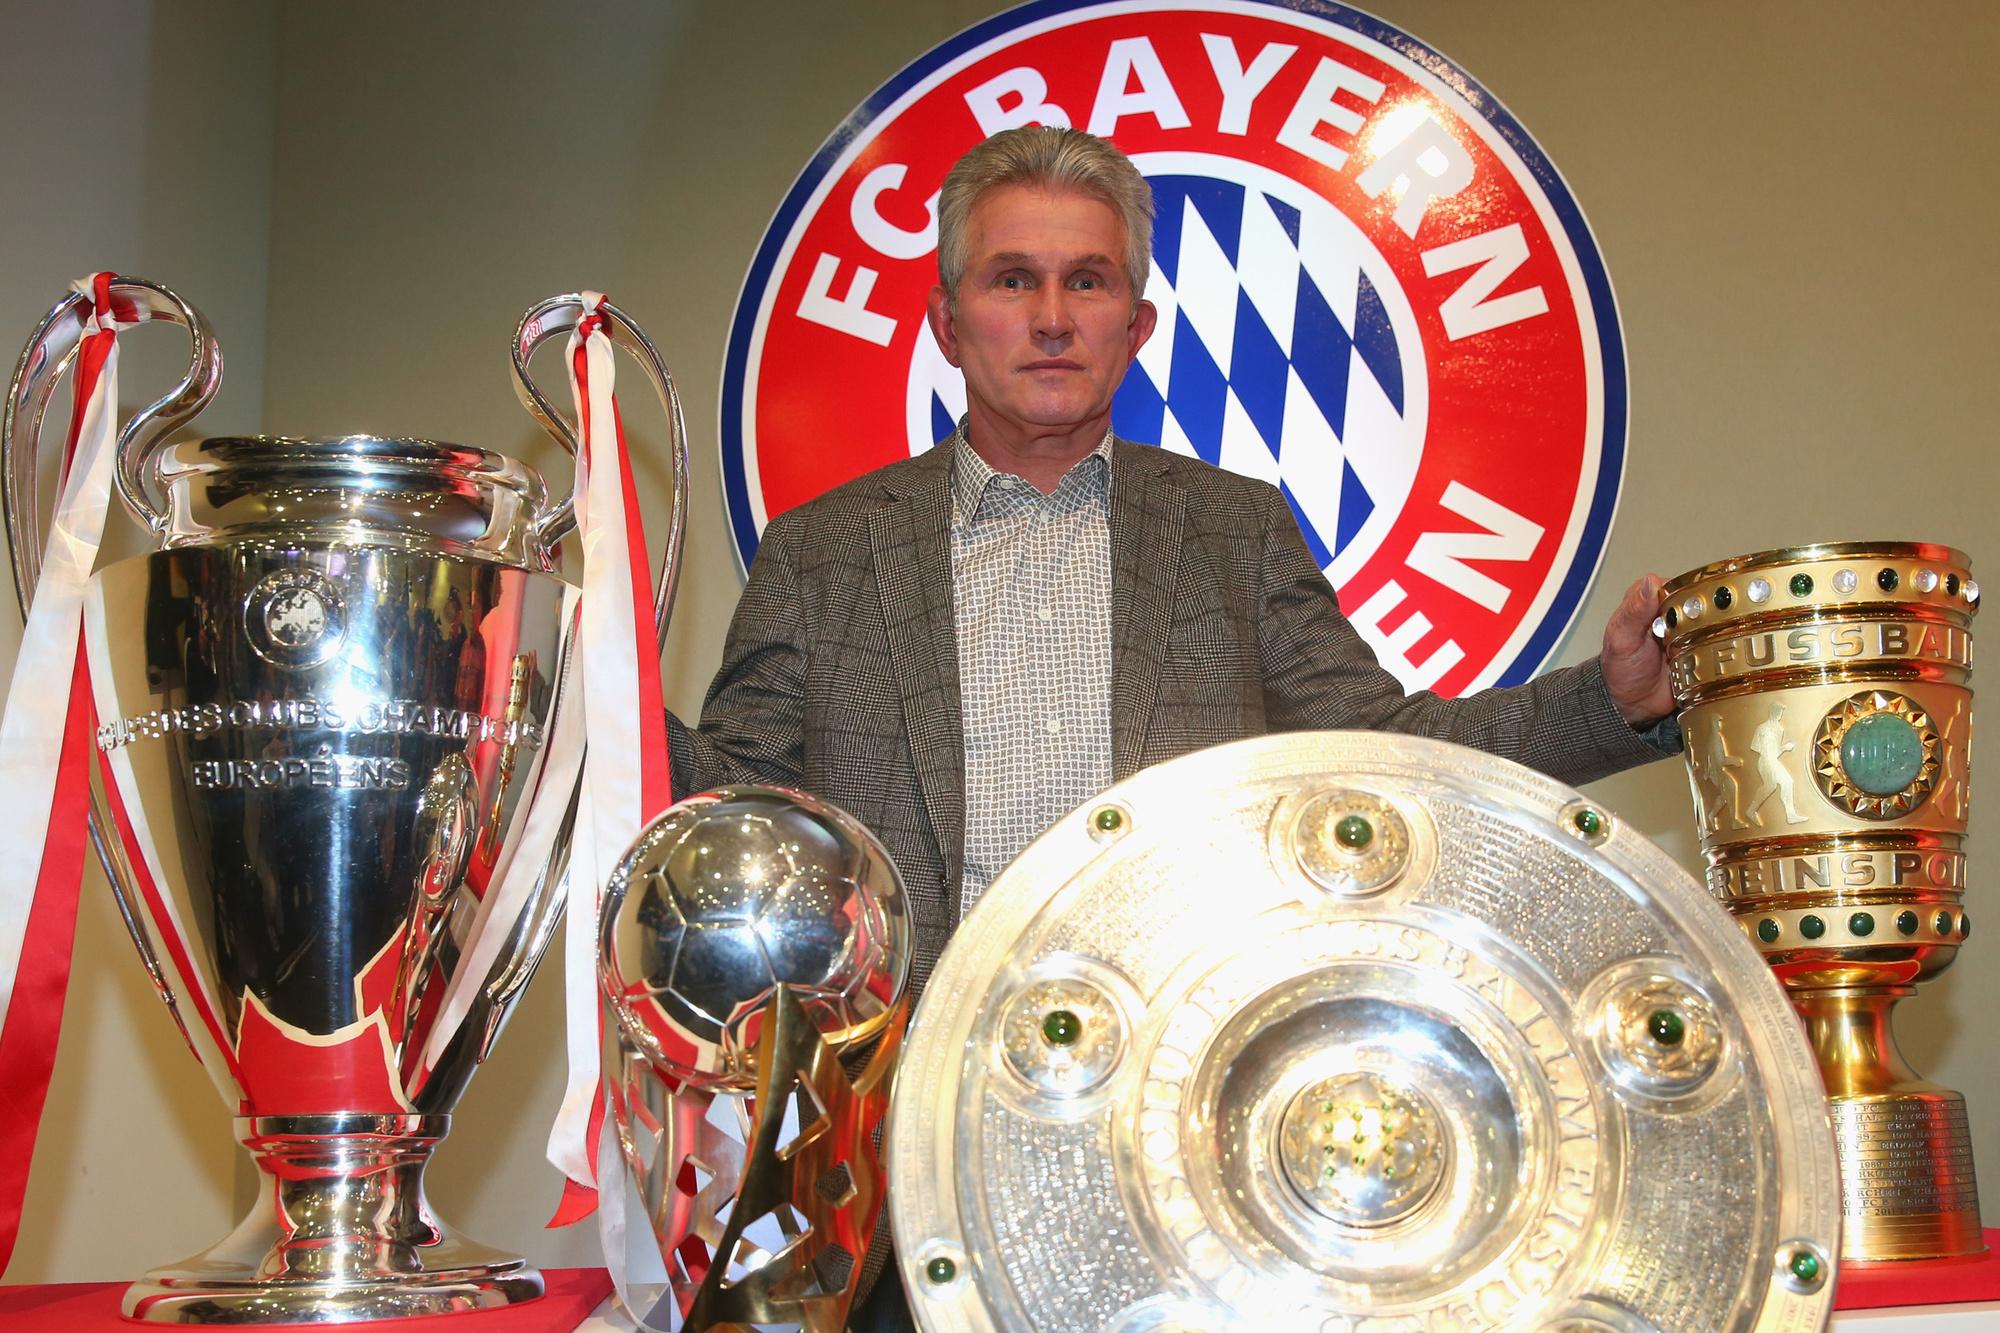 Jupp Heynckes kende in 2013 een boerenjaar met Bayern München., GETTY